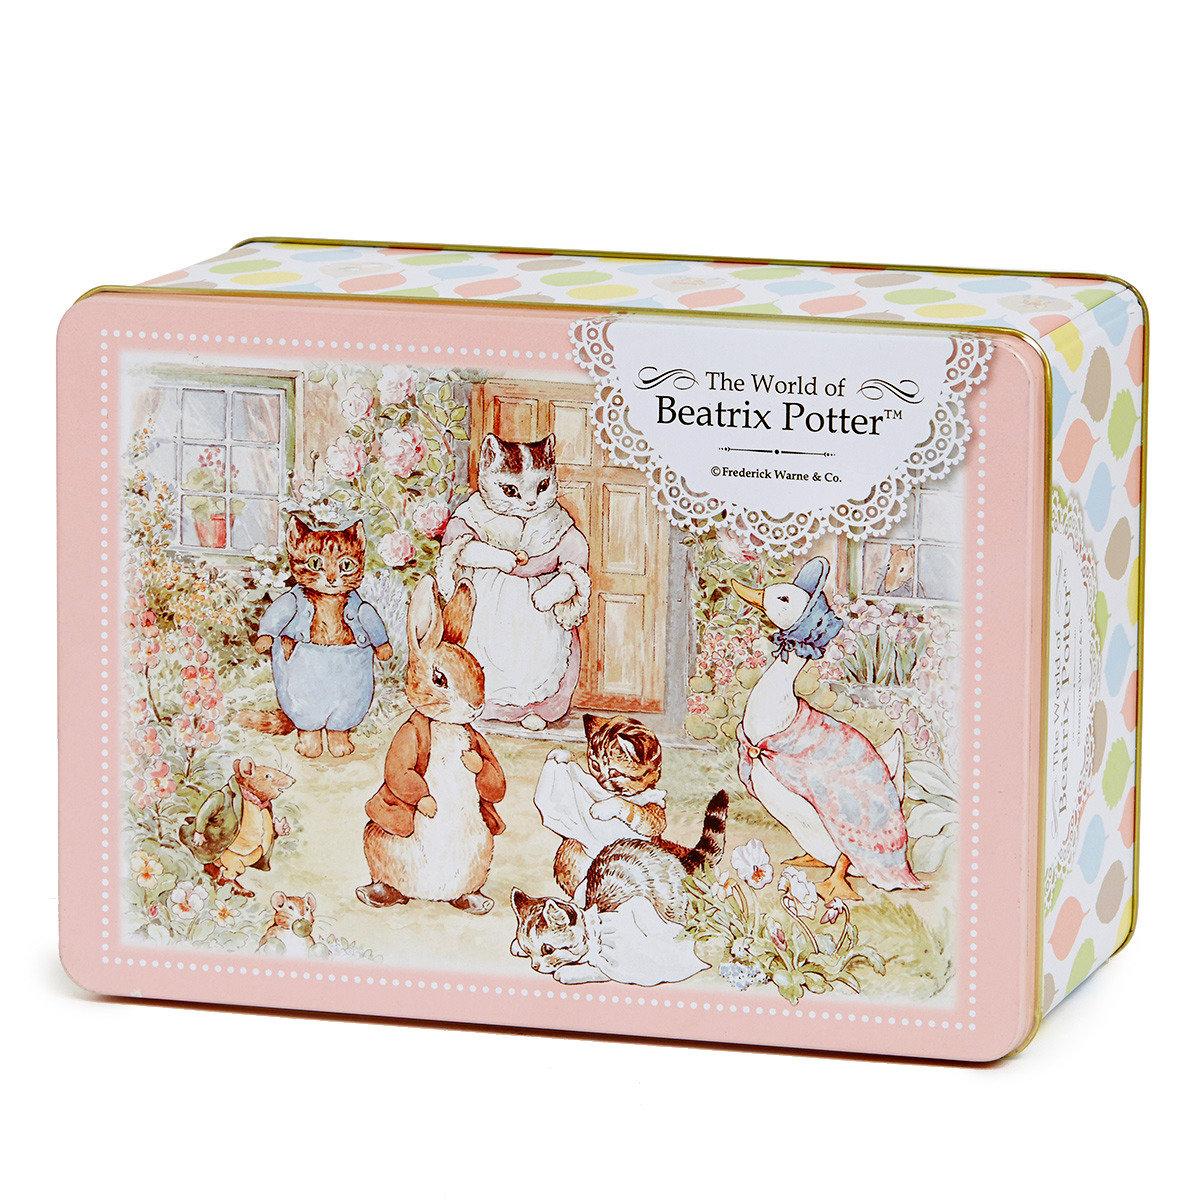 波特小姐典雅蛋卷禮盒 - 芝麻口味